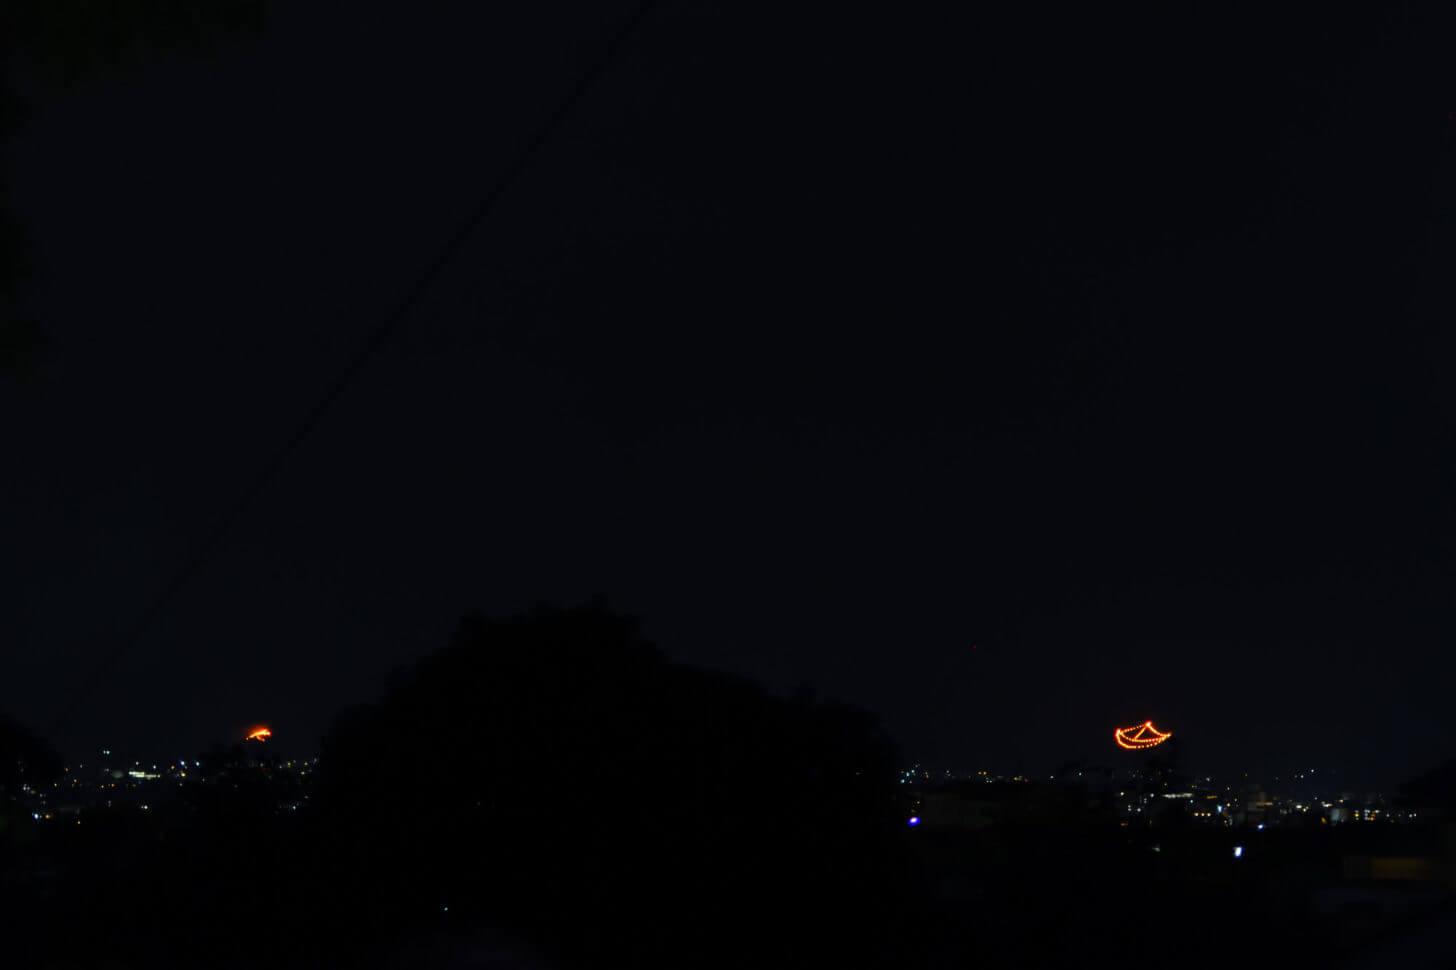 2019五山送り火・船形と左大文字